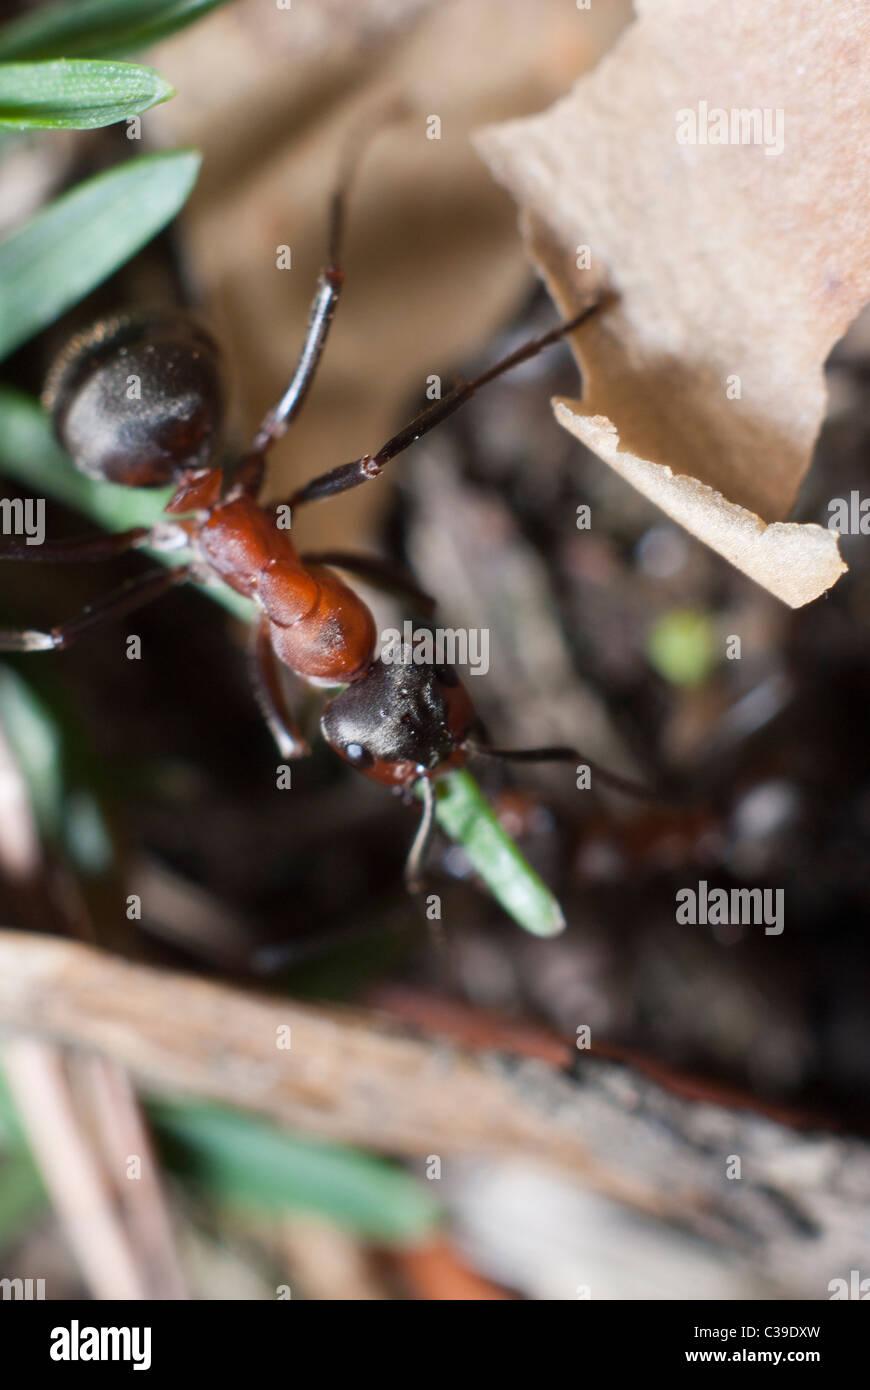 Ant's colony - Stock Image